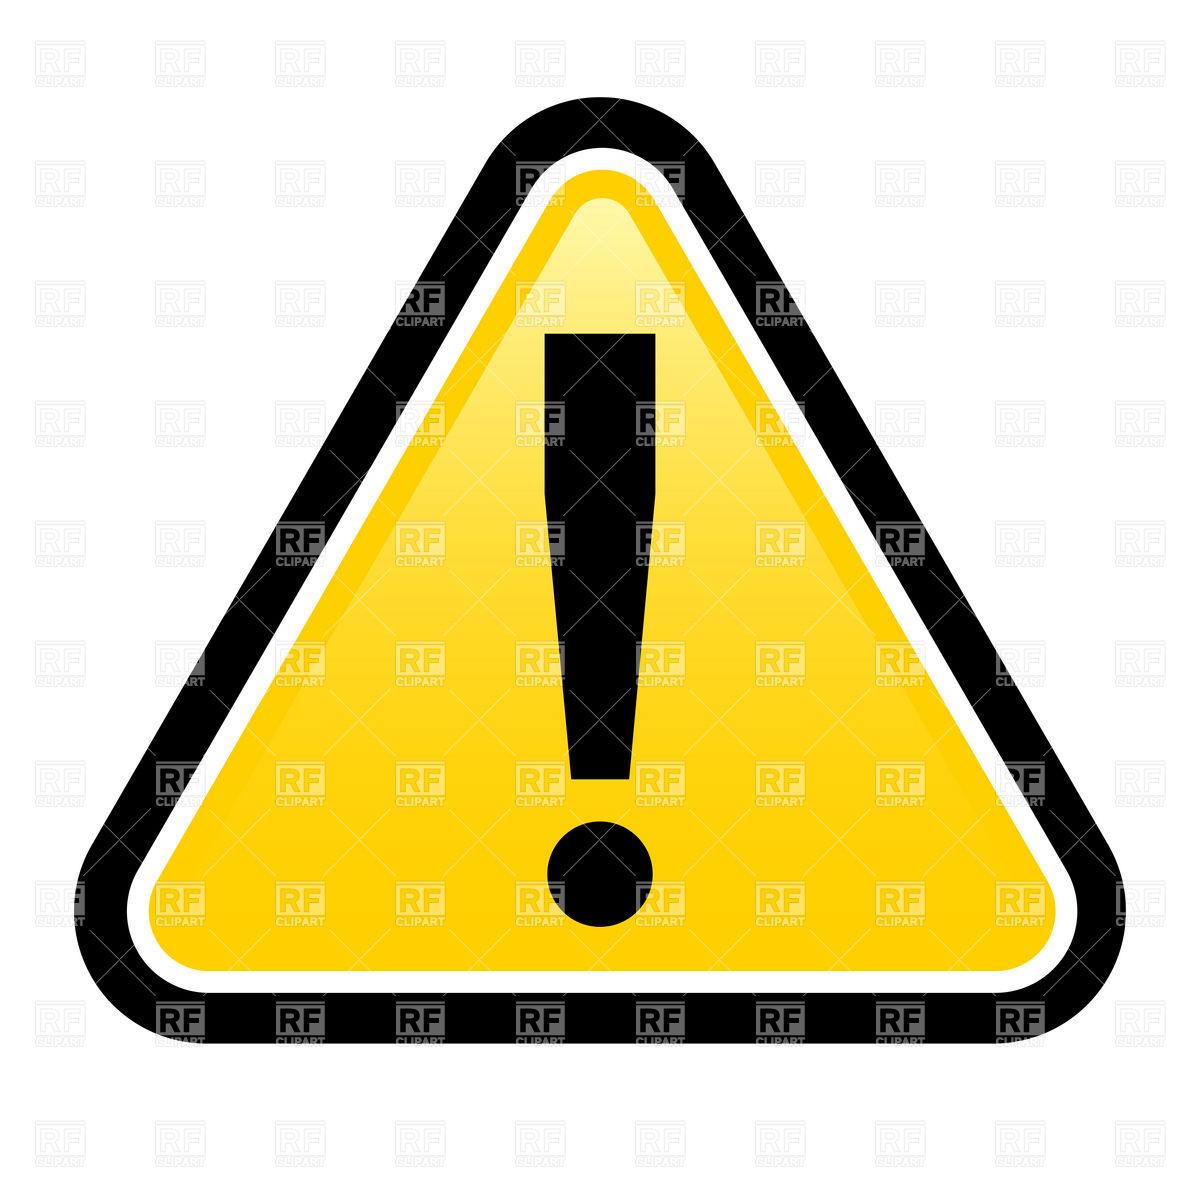 Danger warning sign Vector Image #6361.